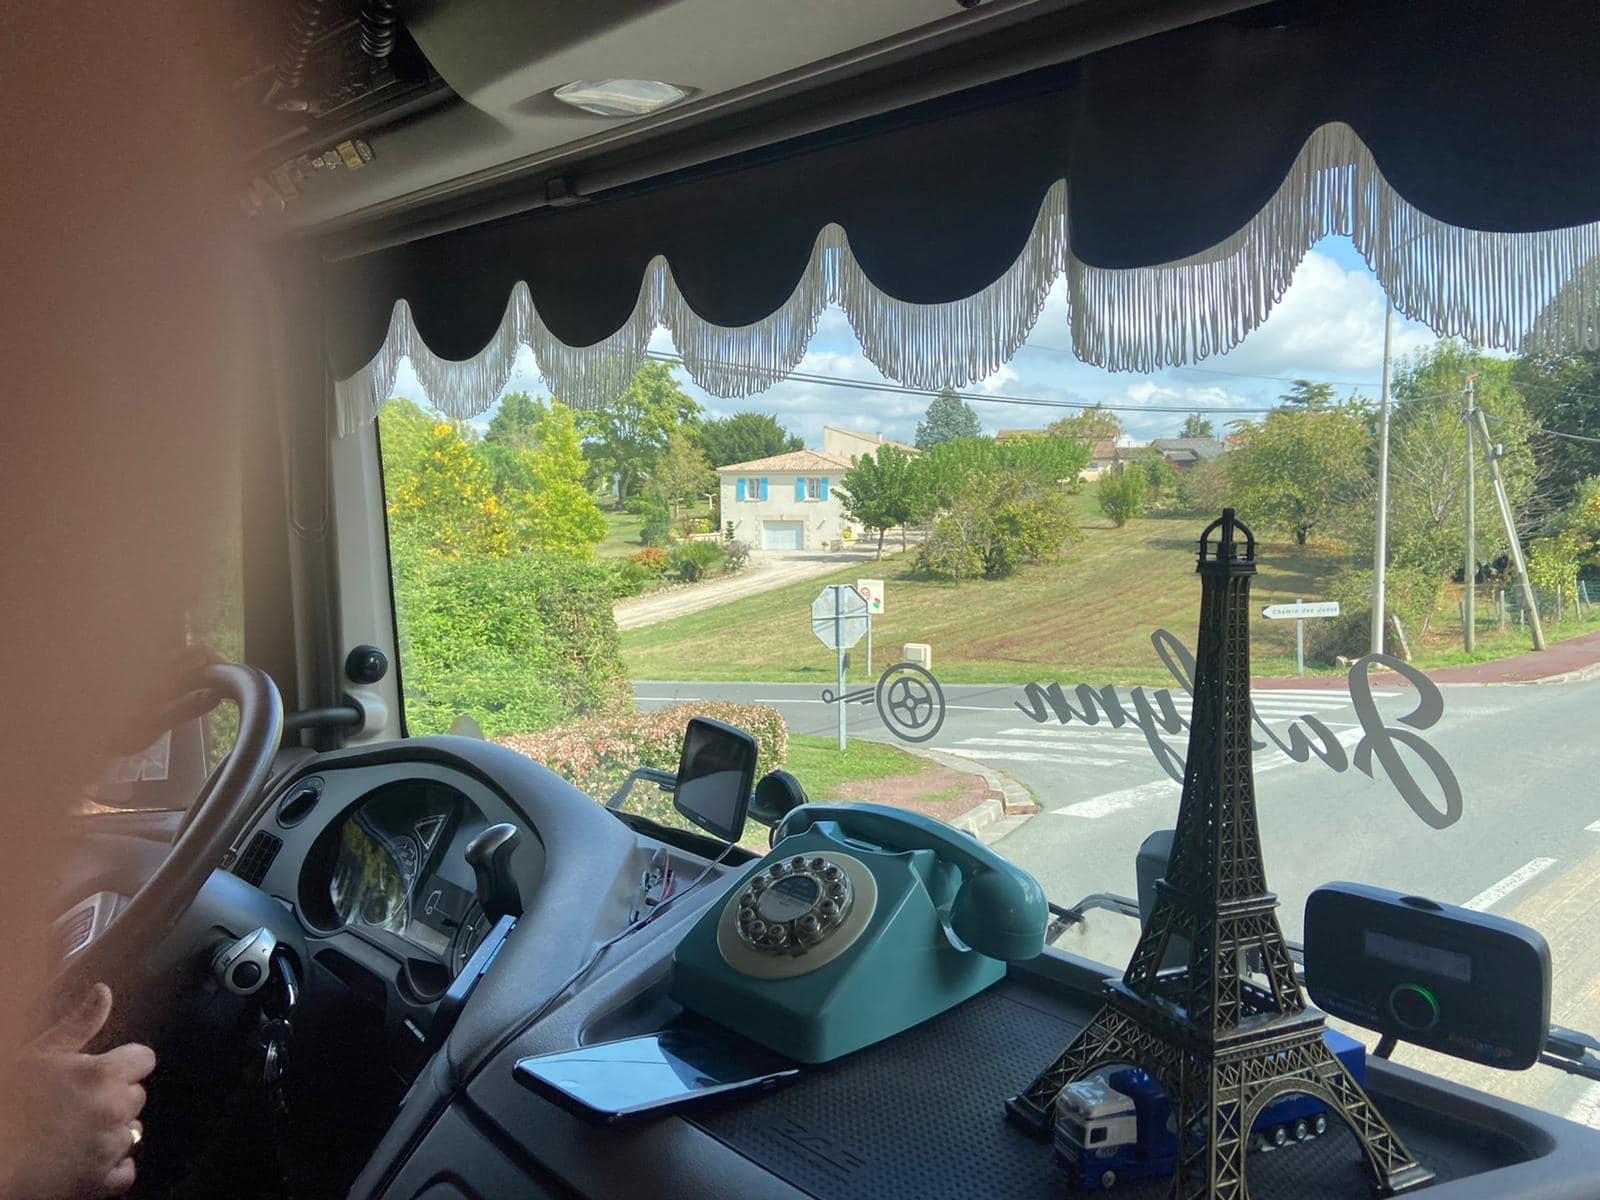 samen-een-mooie-tour-in-de-regio-van-Bordeaux-gemaakt-26-9-2020---(7)